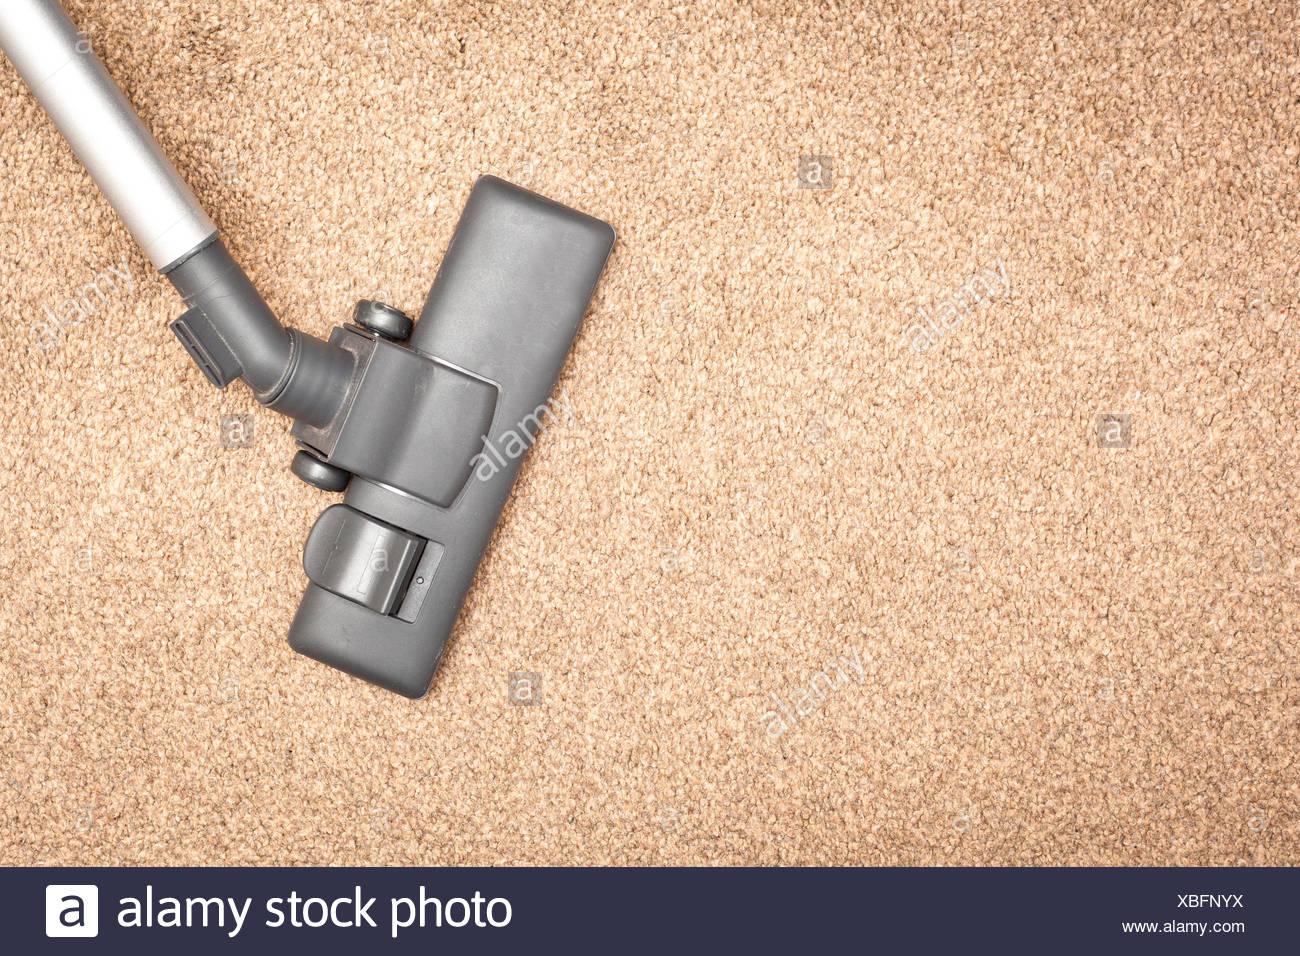 Vacuum cleaner - Stock Image